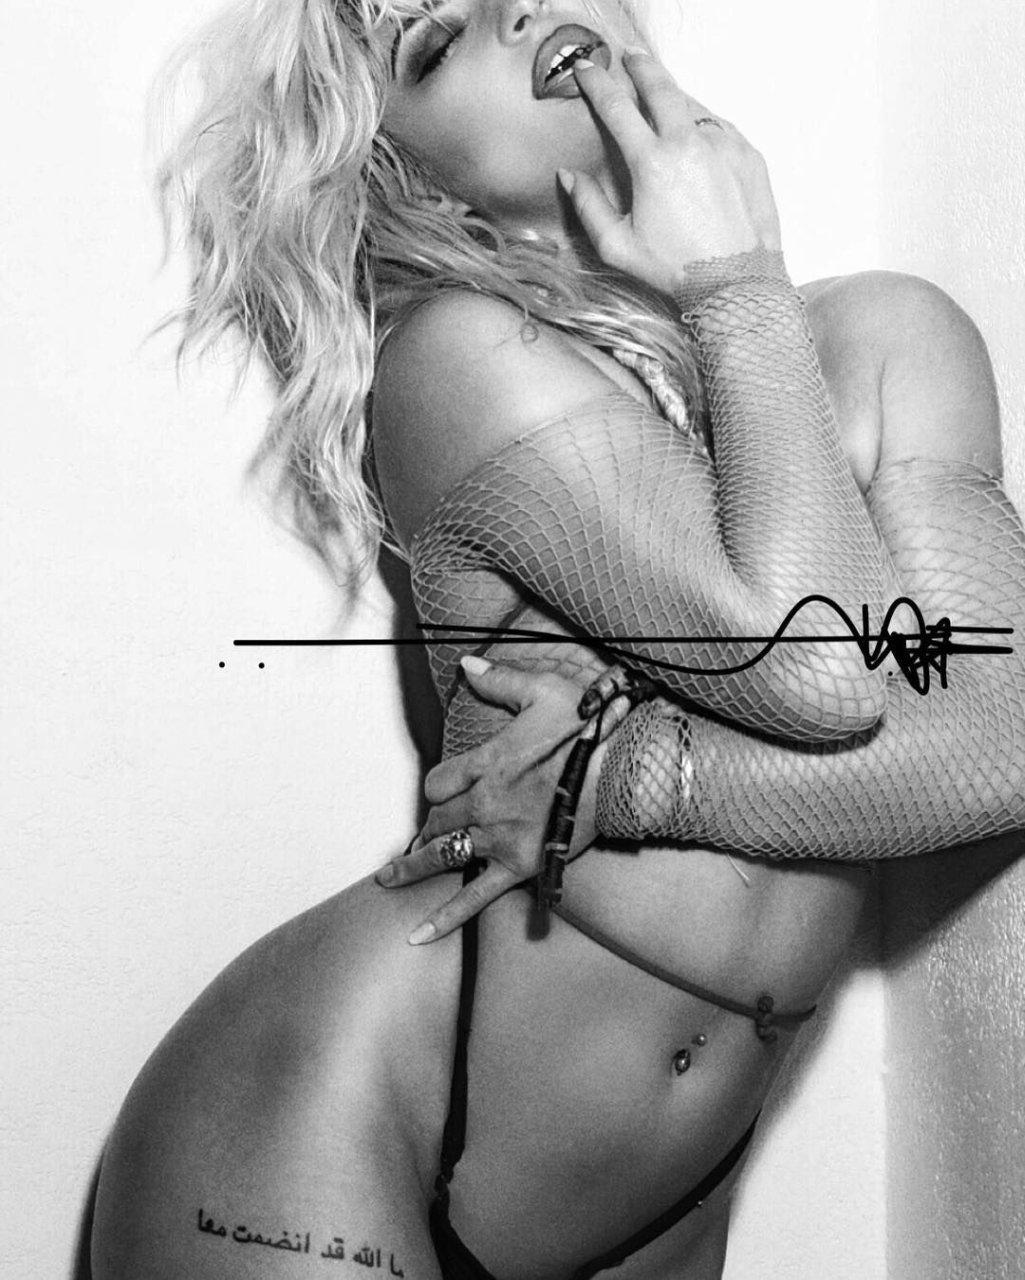 Natalie nackt Paweleck FHM model